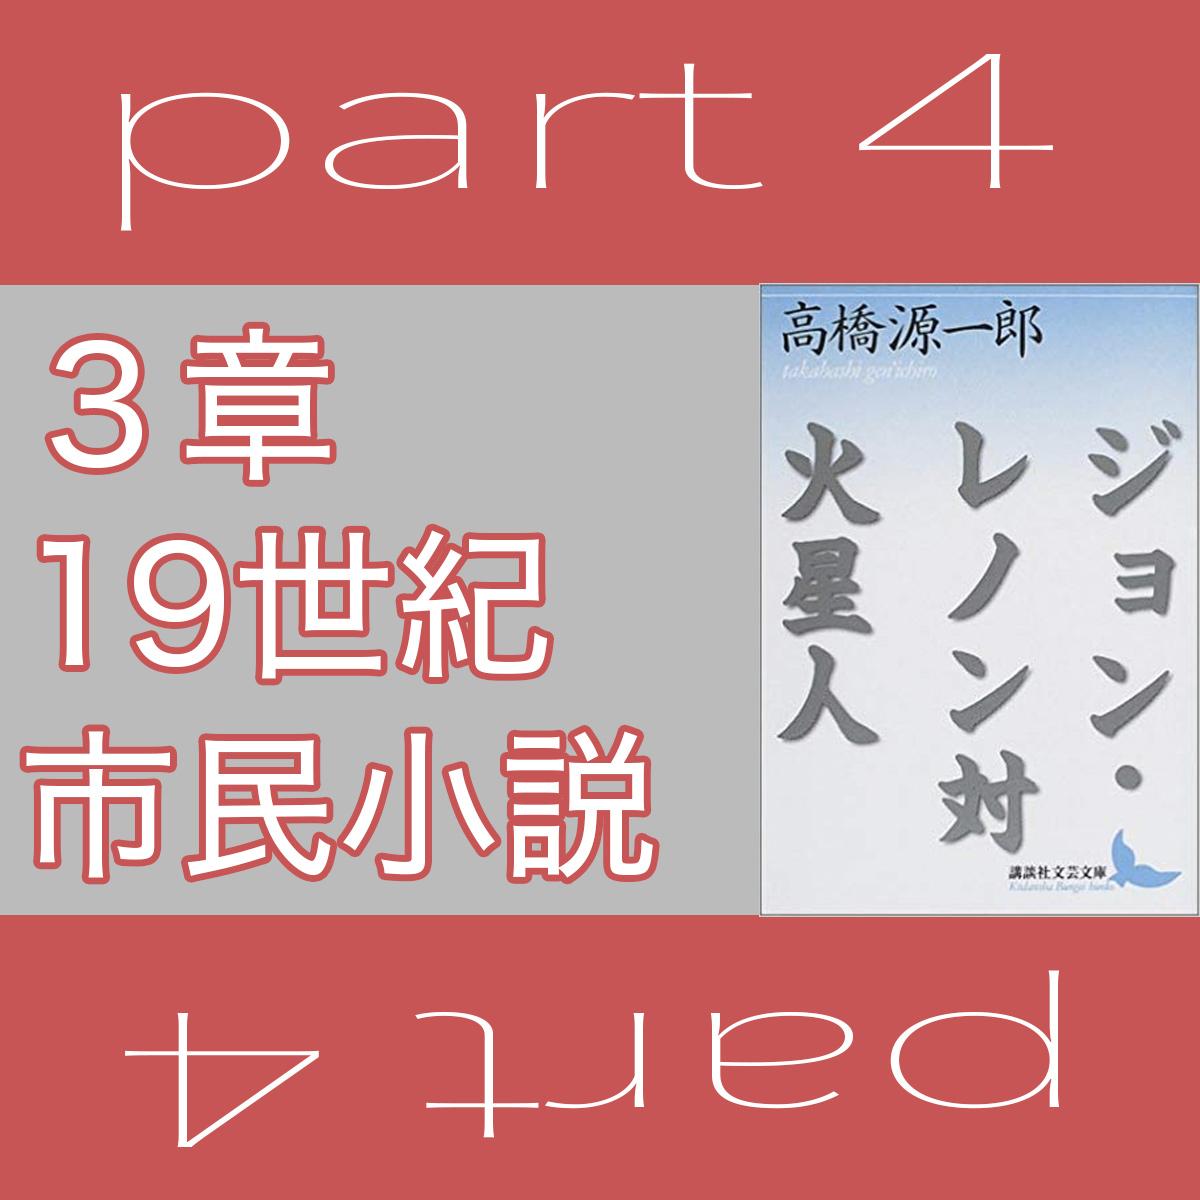 f:id:nobi2saku:20190316204116j:plain